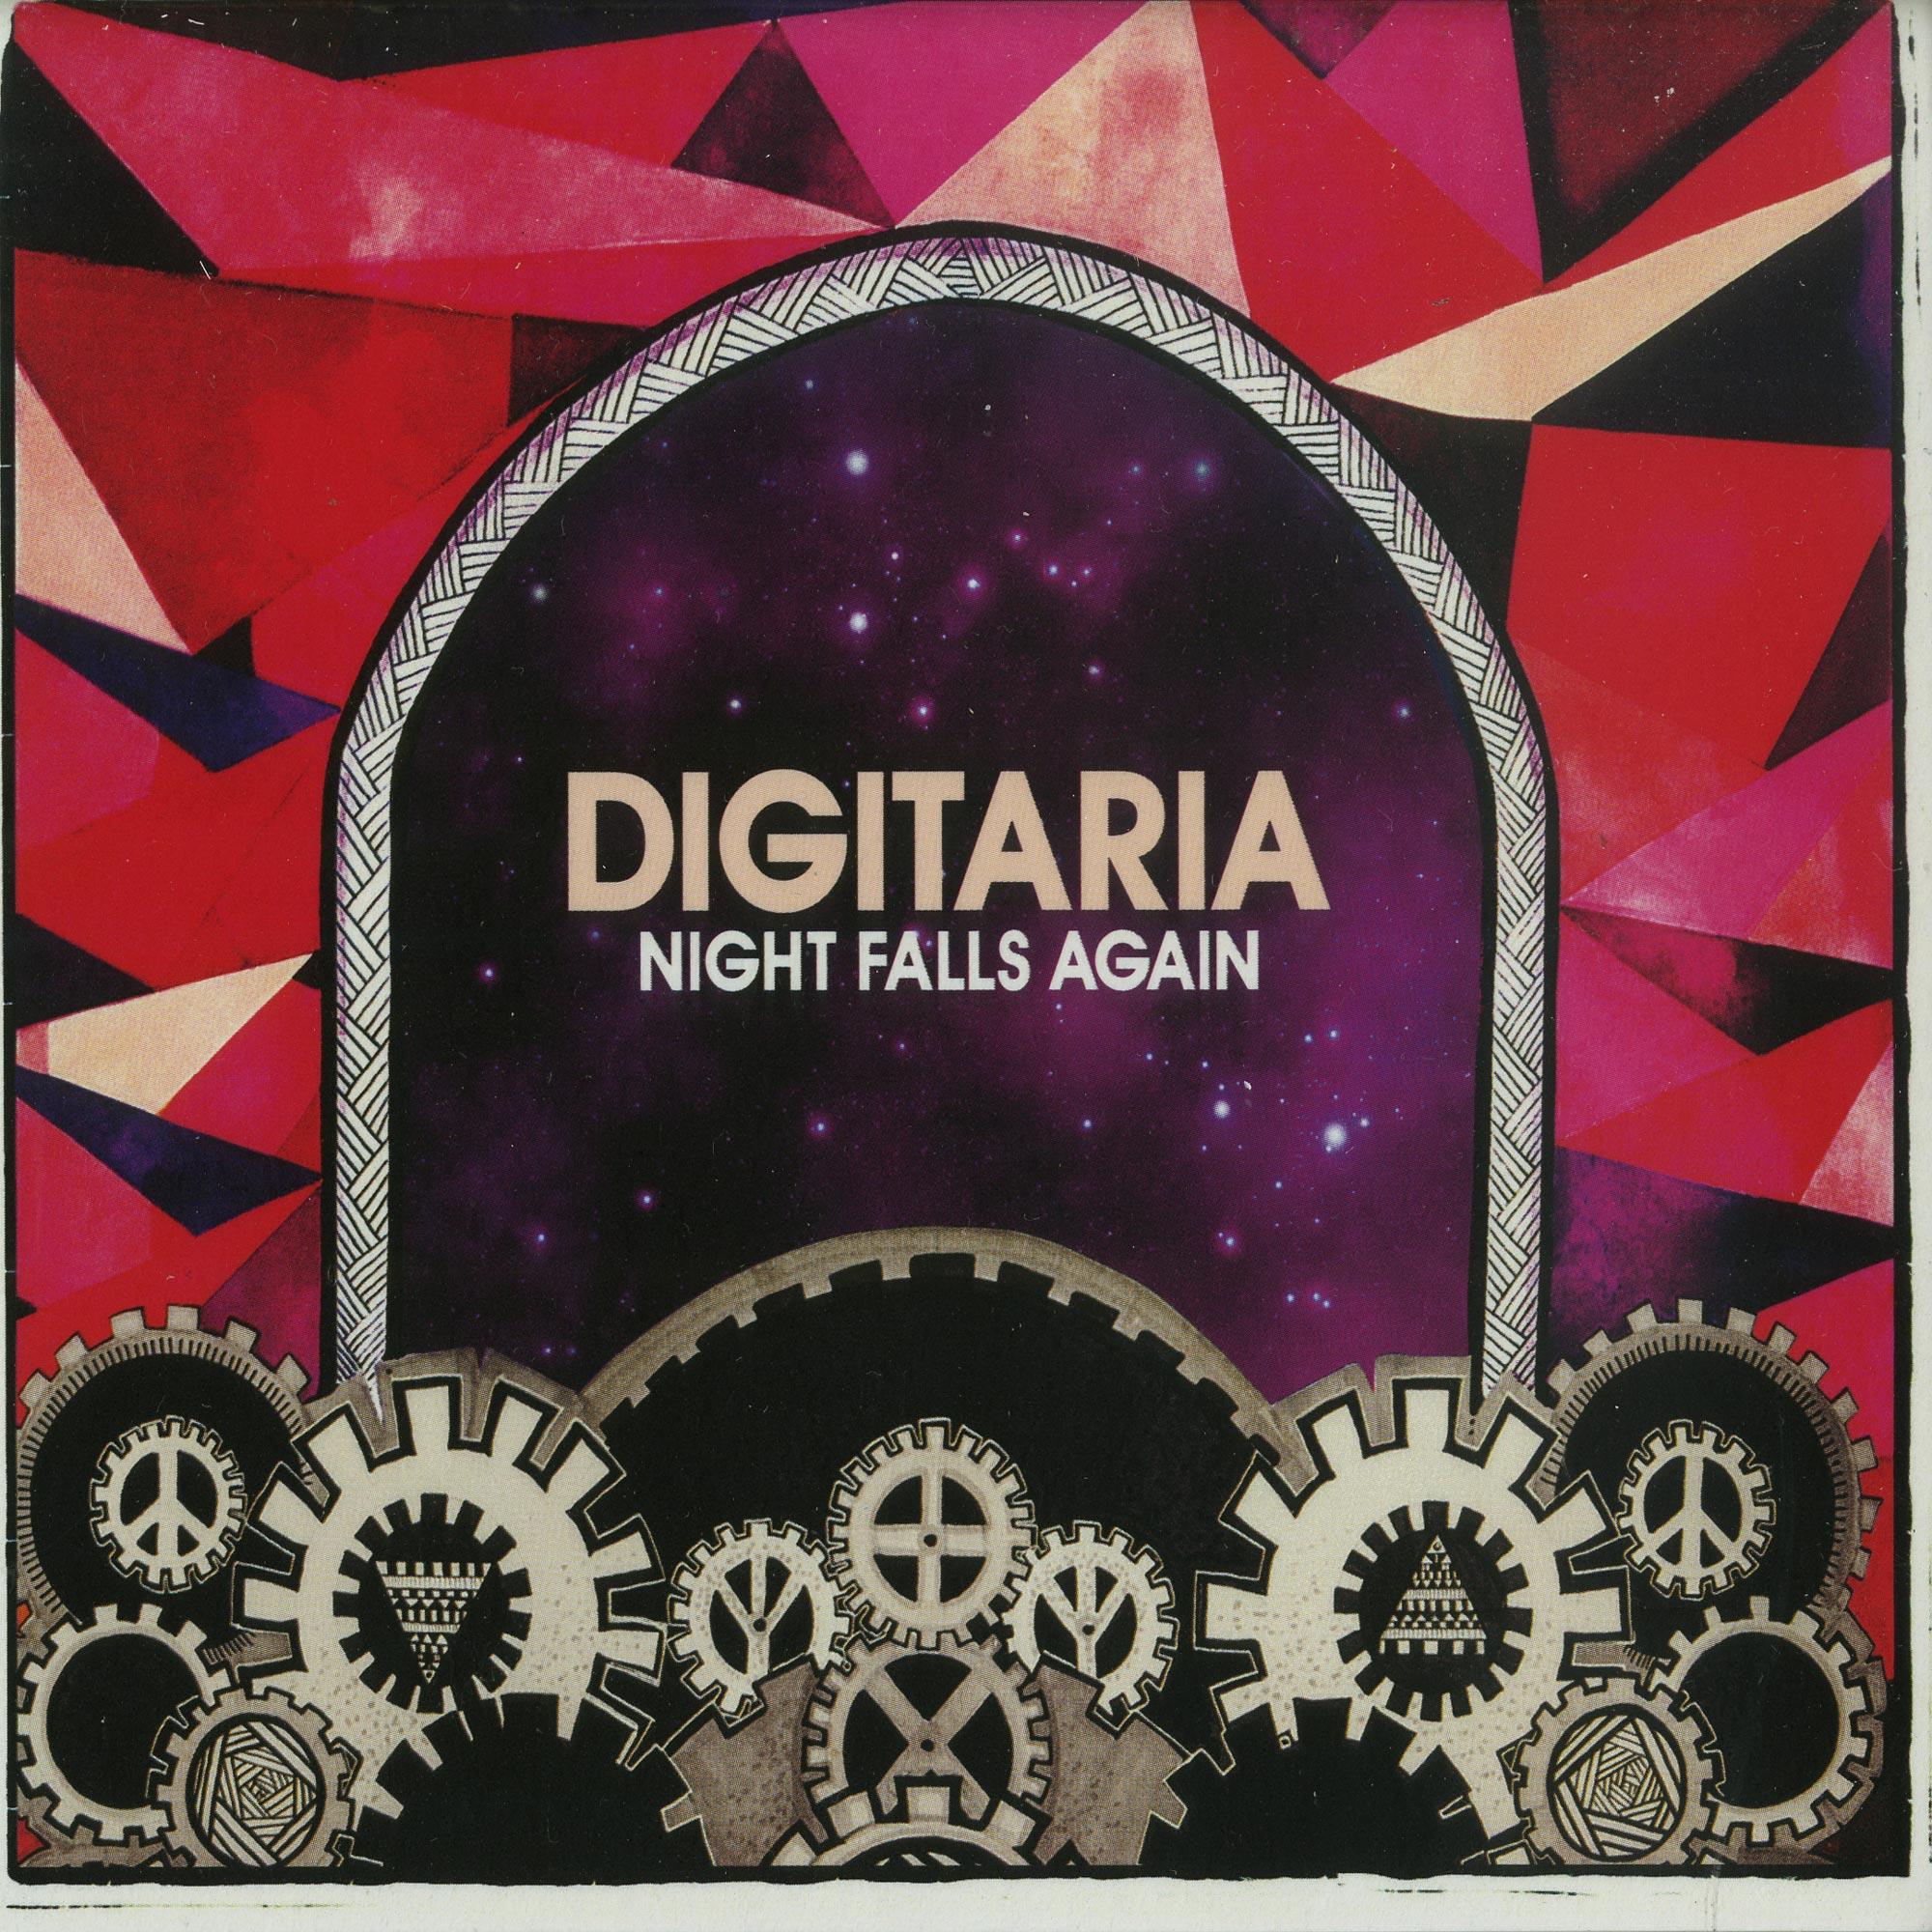 Digitaria - NIGHT FALLS AGAIN